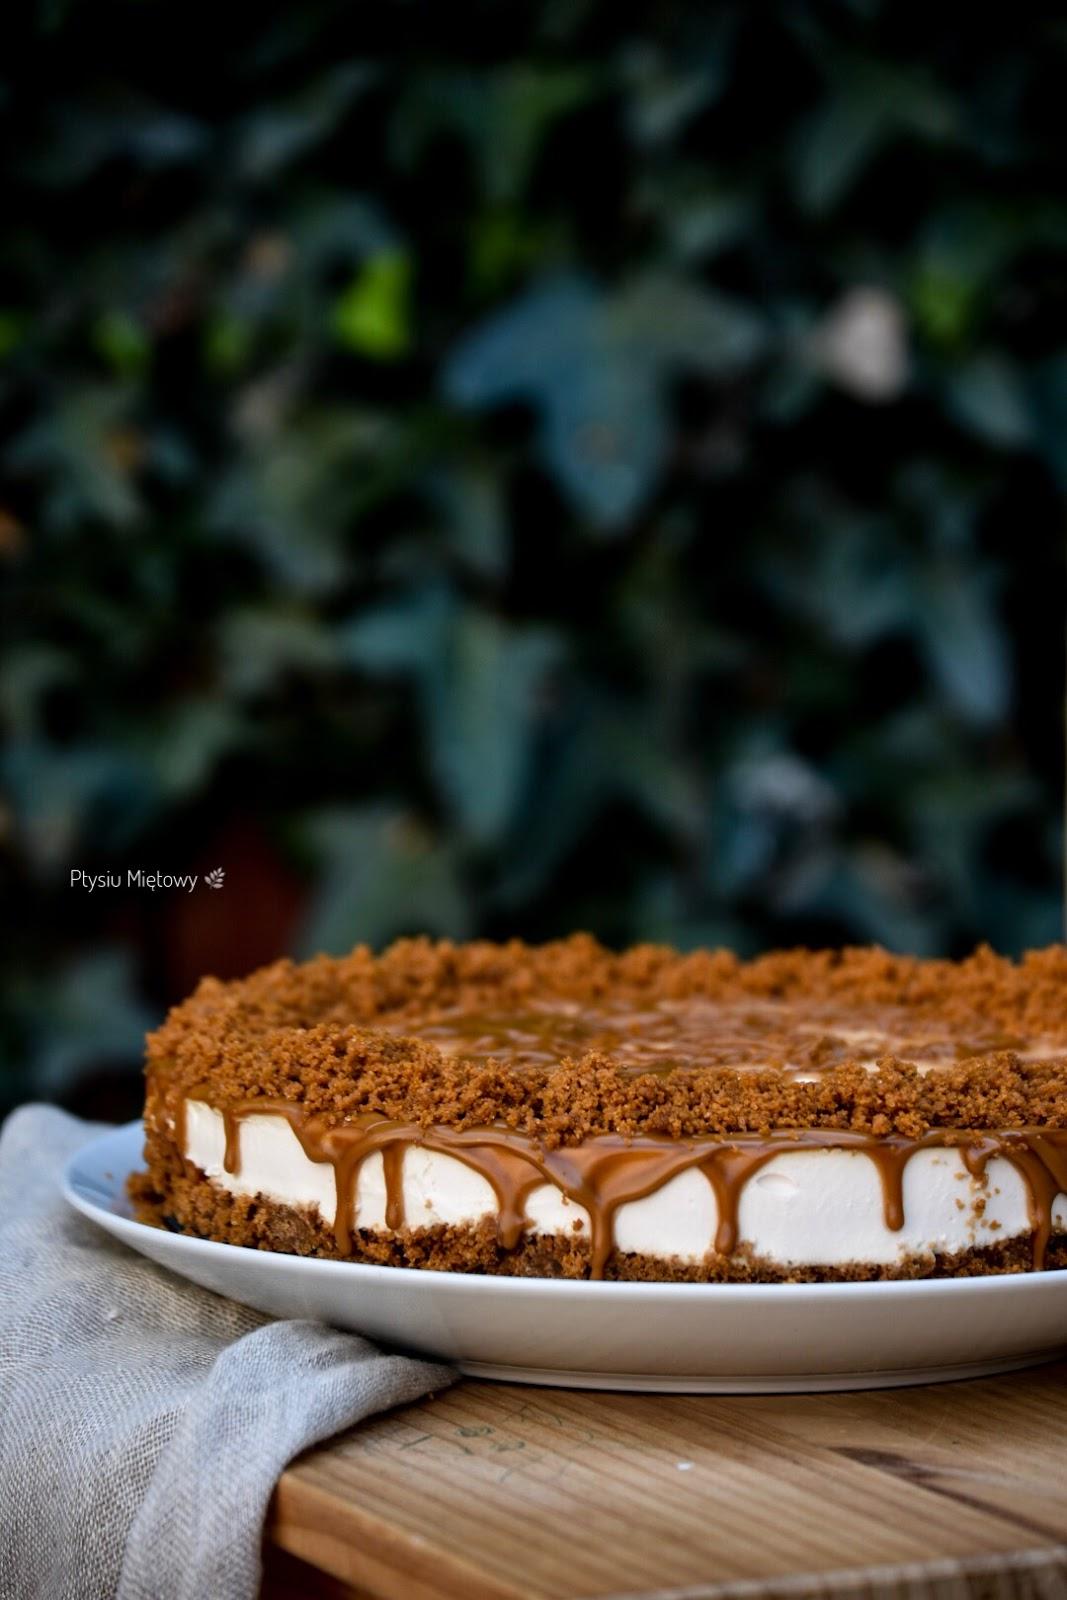 sernik, deser, ciasto, ptysiu mietowy, lotus